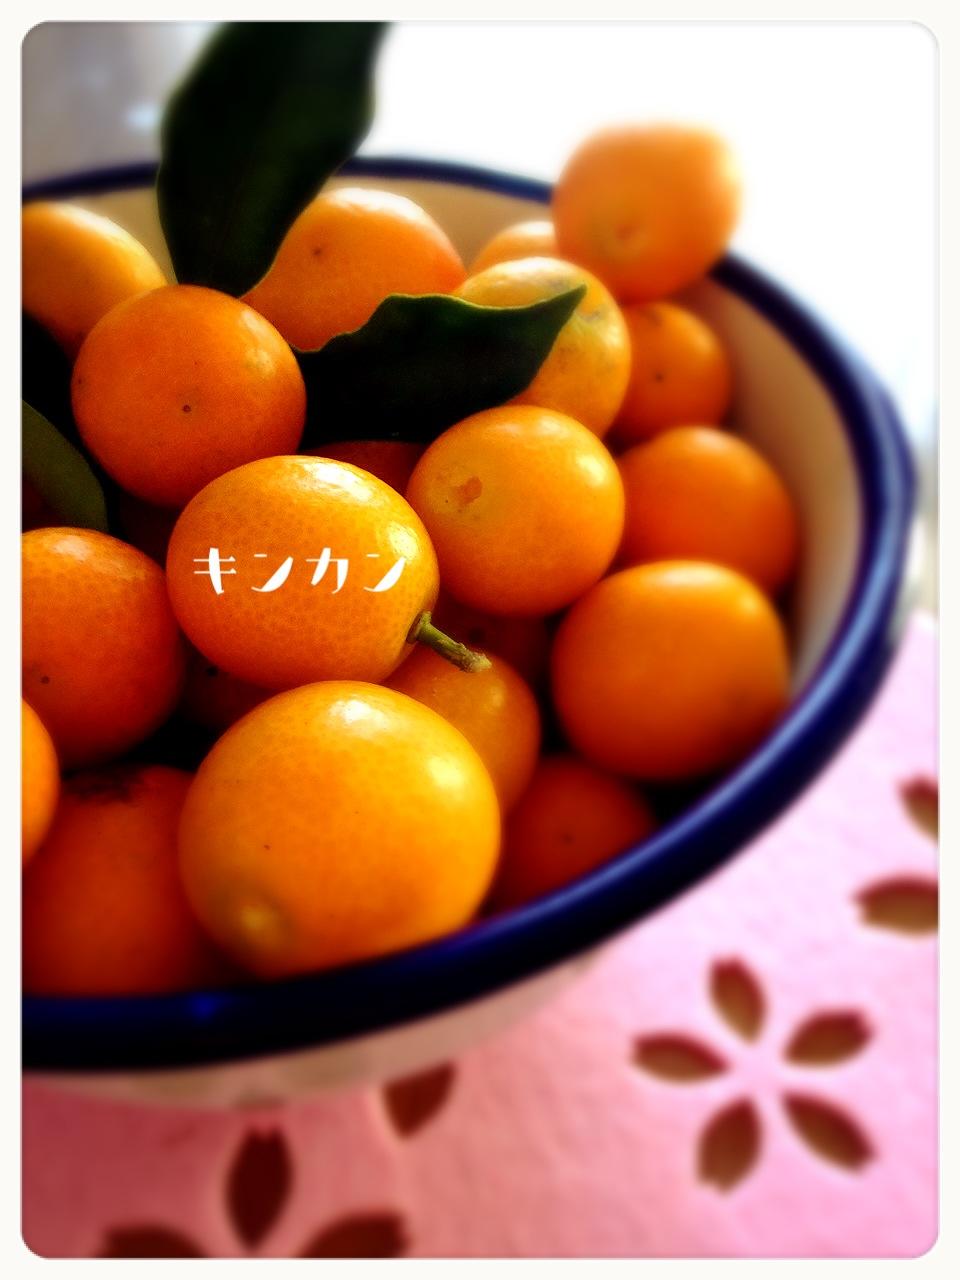 20150226_233959000_iOS.jpg